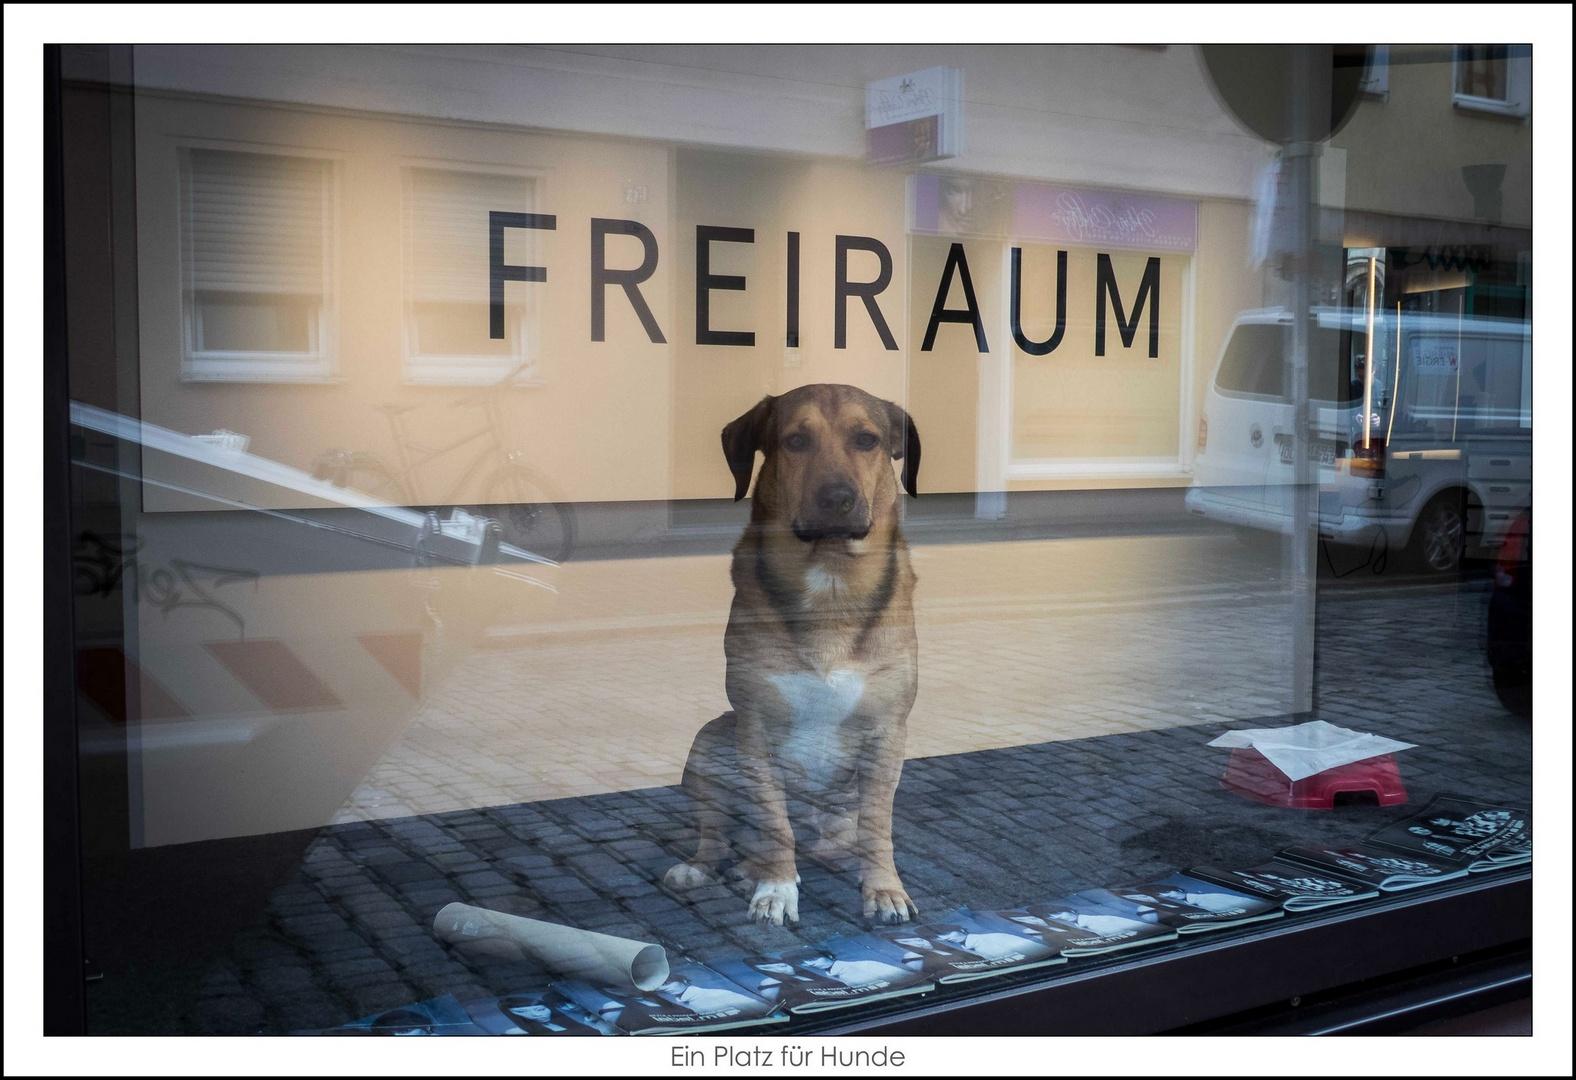 Ein_Platz_für_Hunde